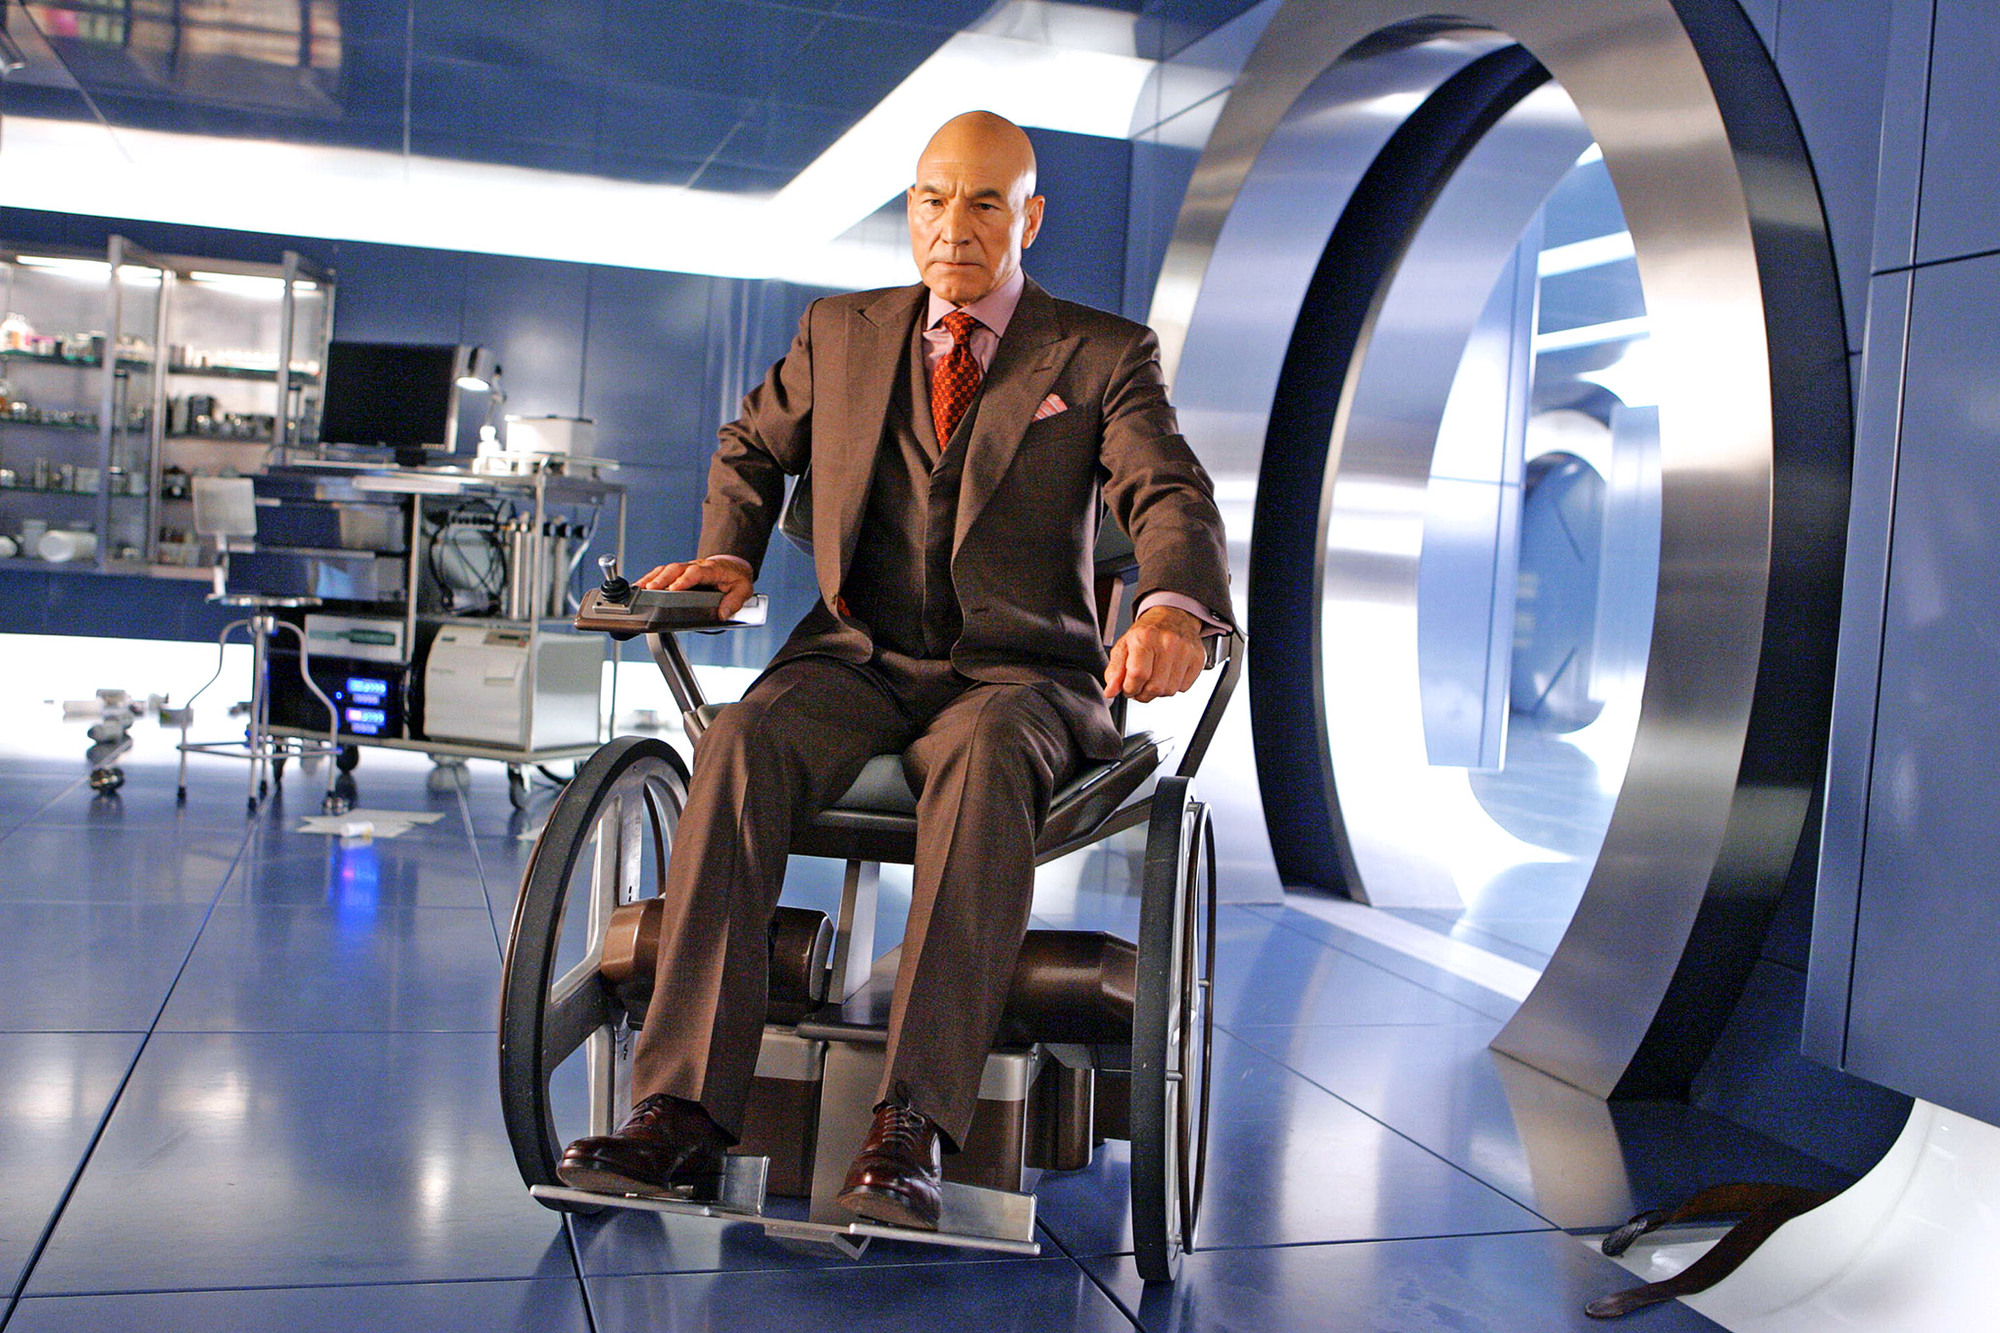 Nebýt Logana, Professox X by s chutí poznal po mutantech také Avengery | Fandíme filmu